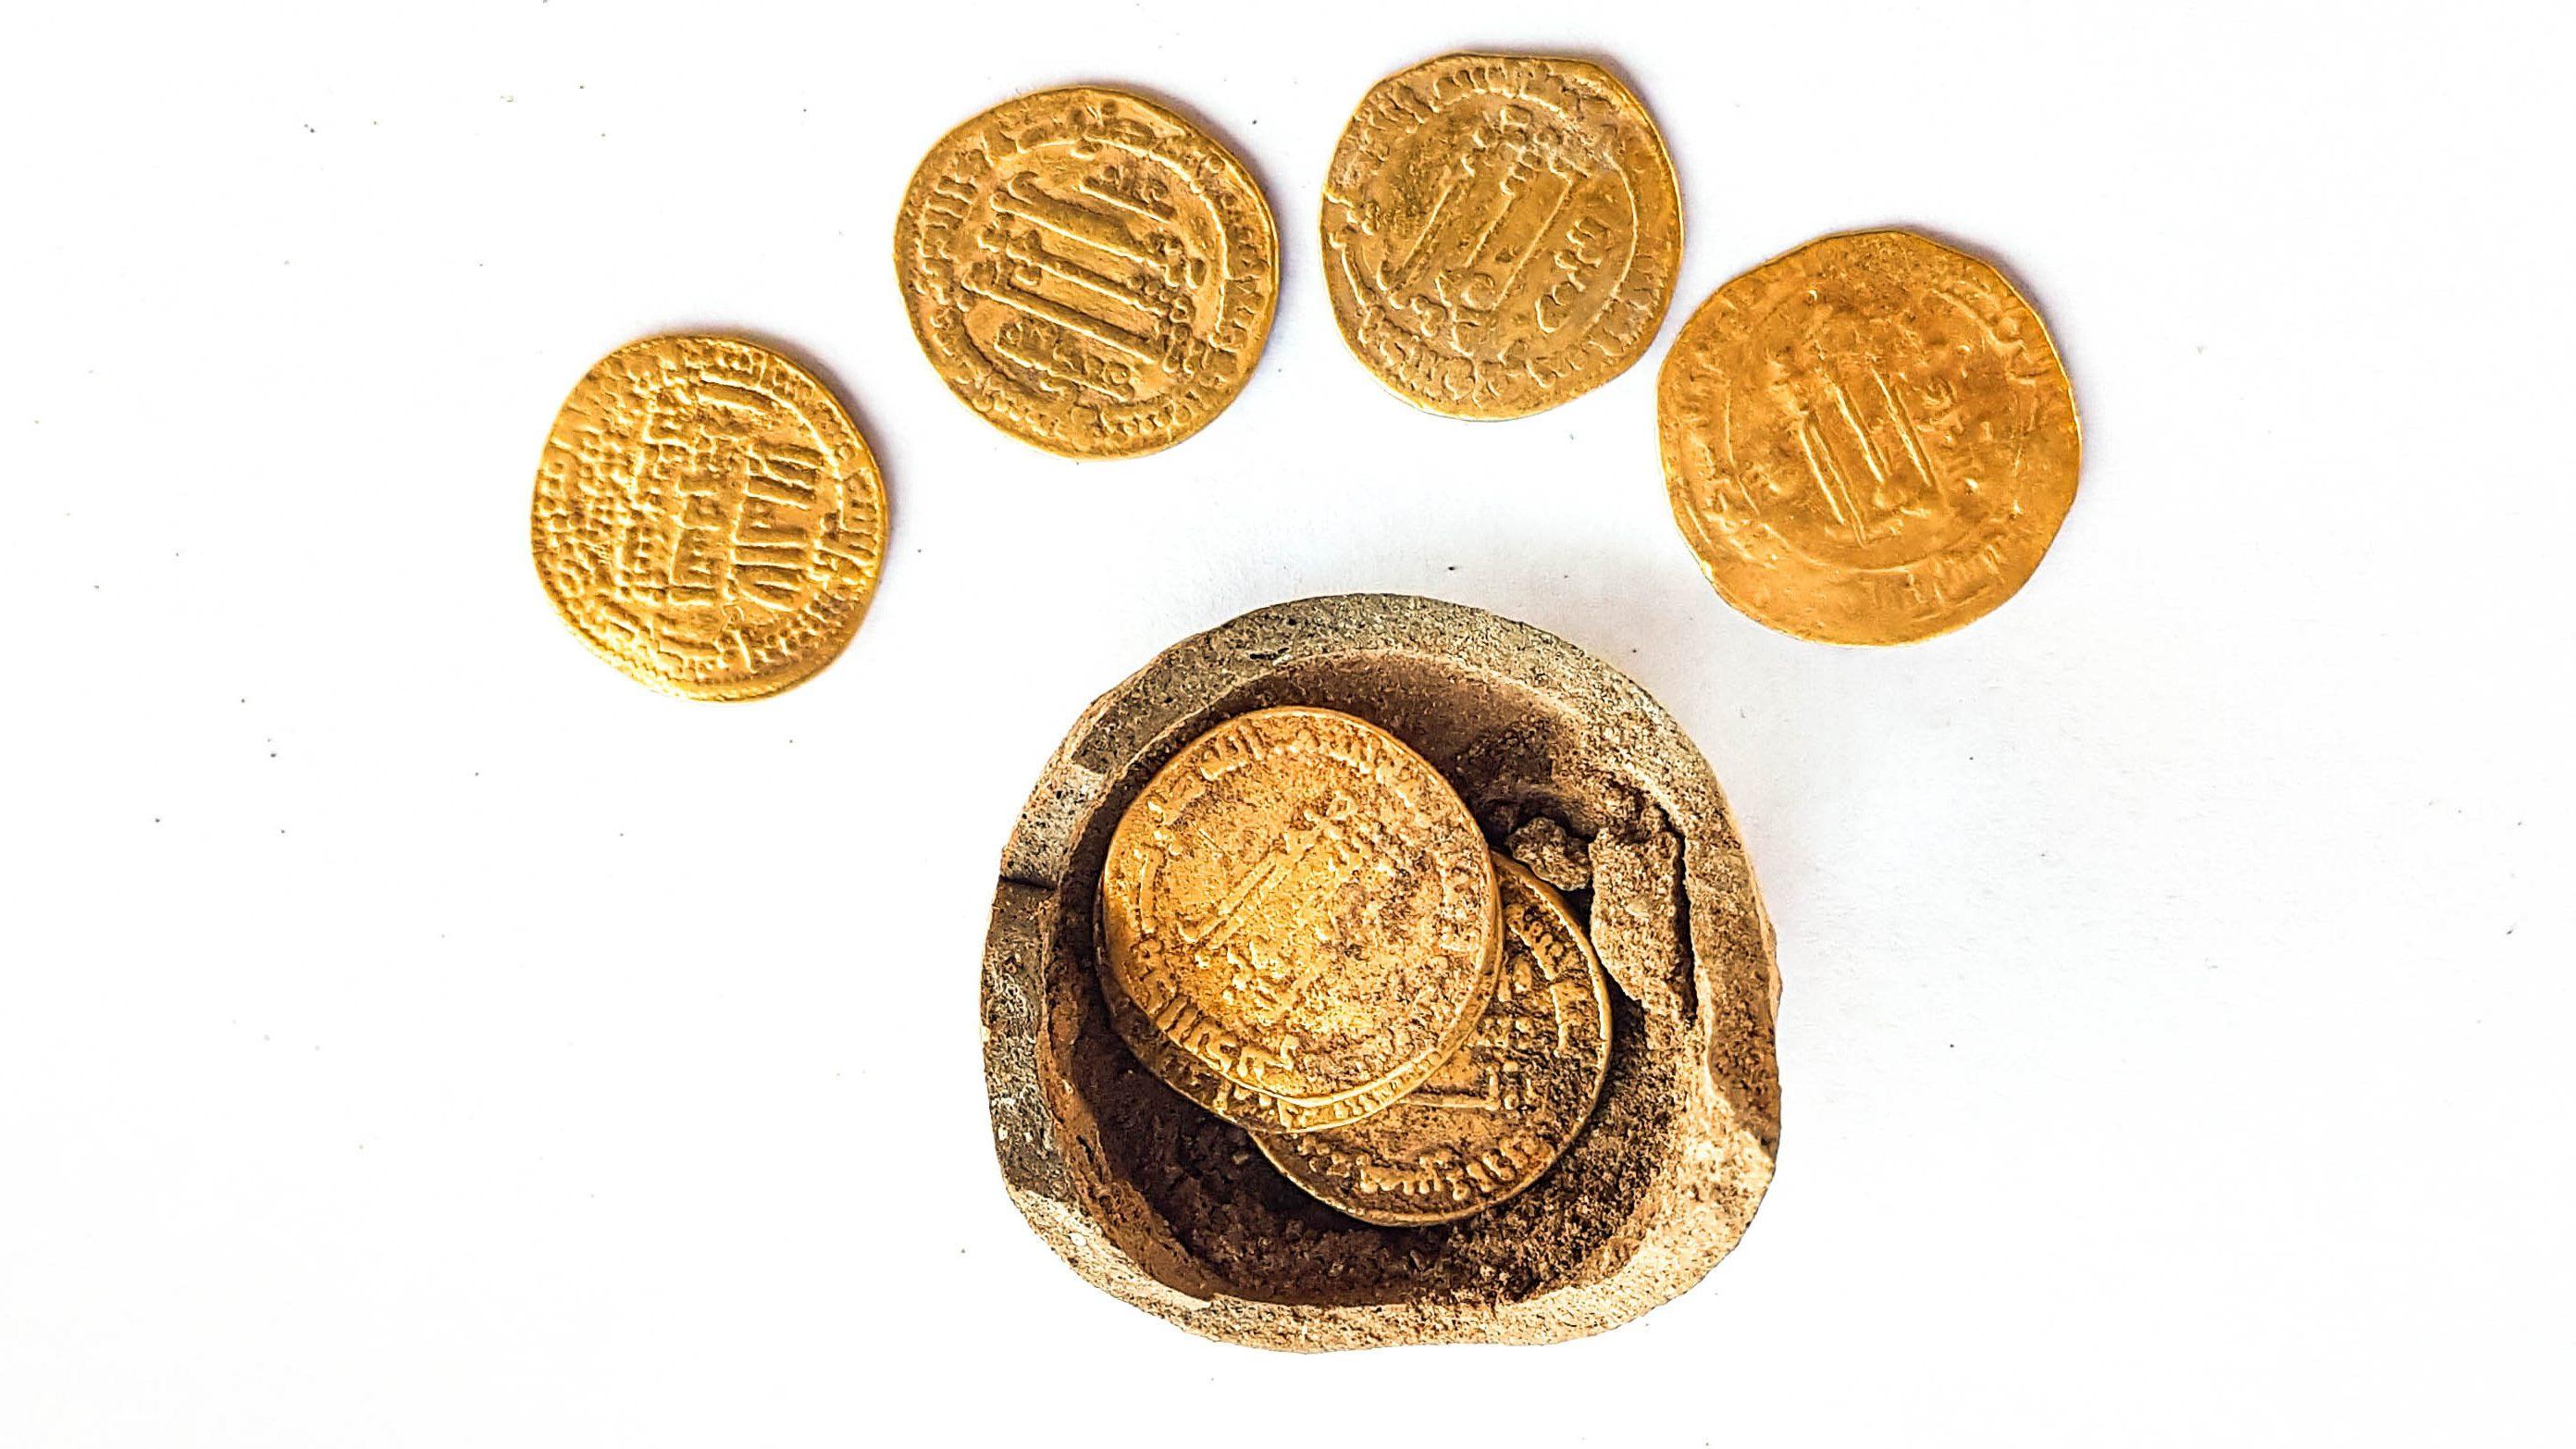 Középkori persely került elő Izraelben